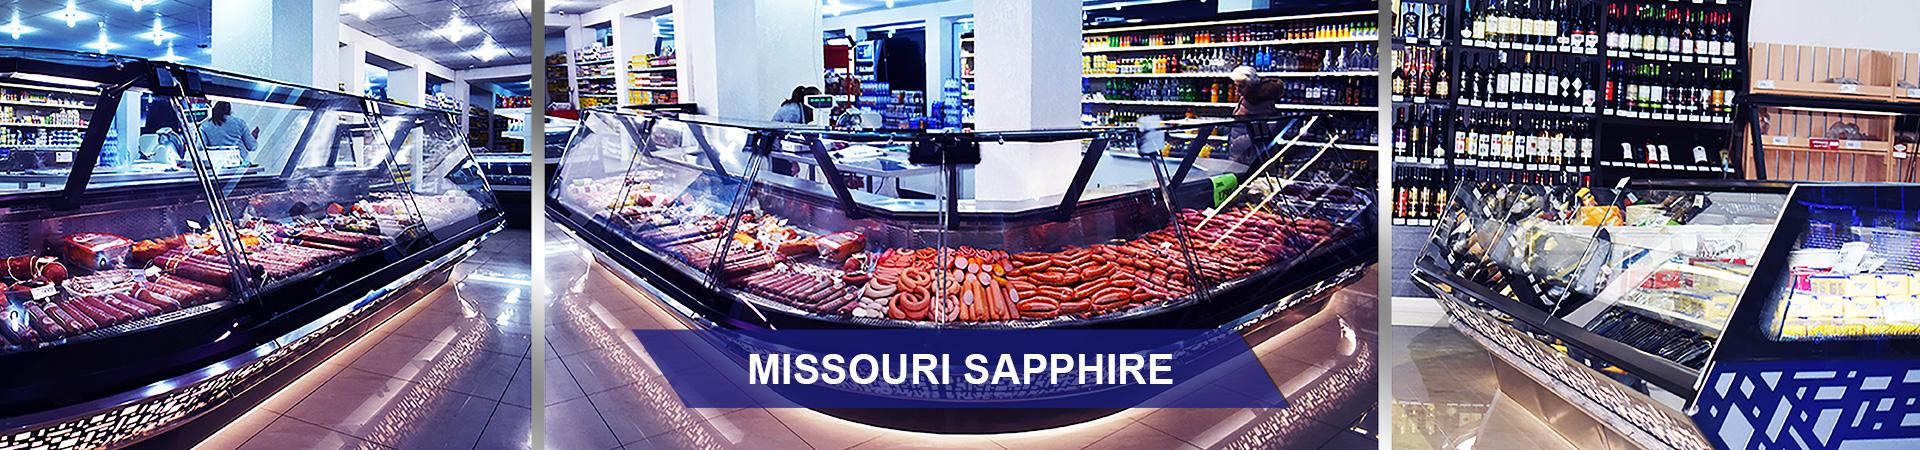 Вітрини Missouri sapphire